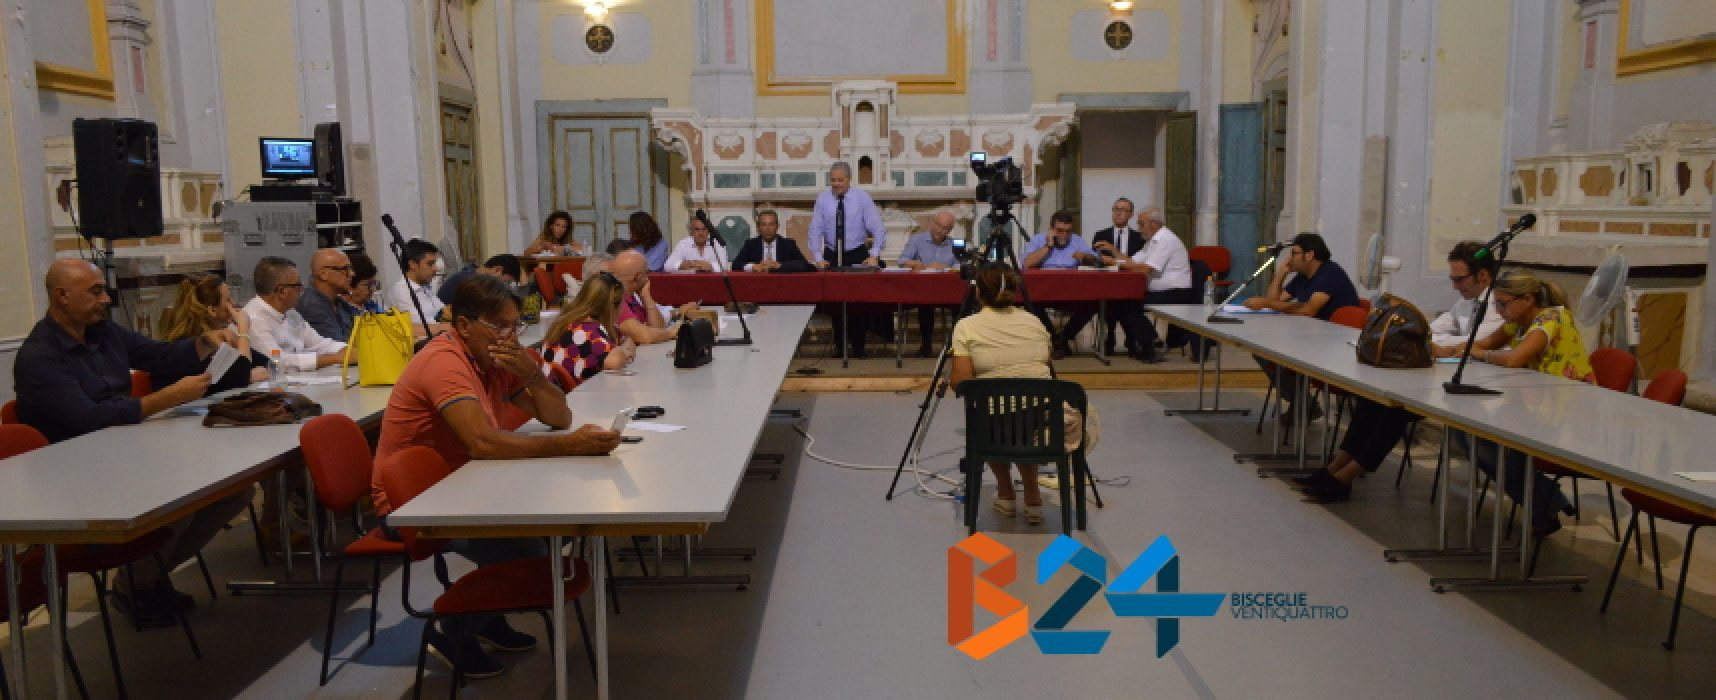 Consiglio comunale, approvati riequilibrio di bilancio e Dup 2018/2020